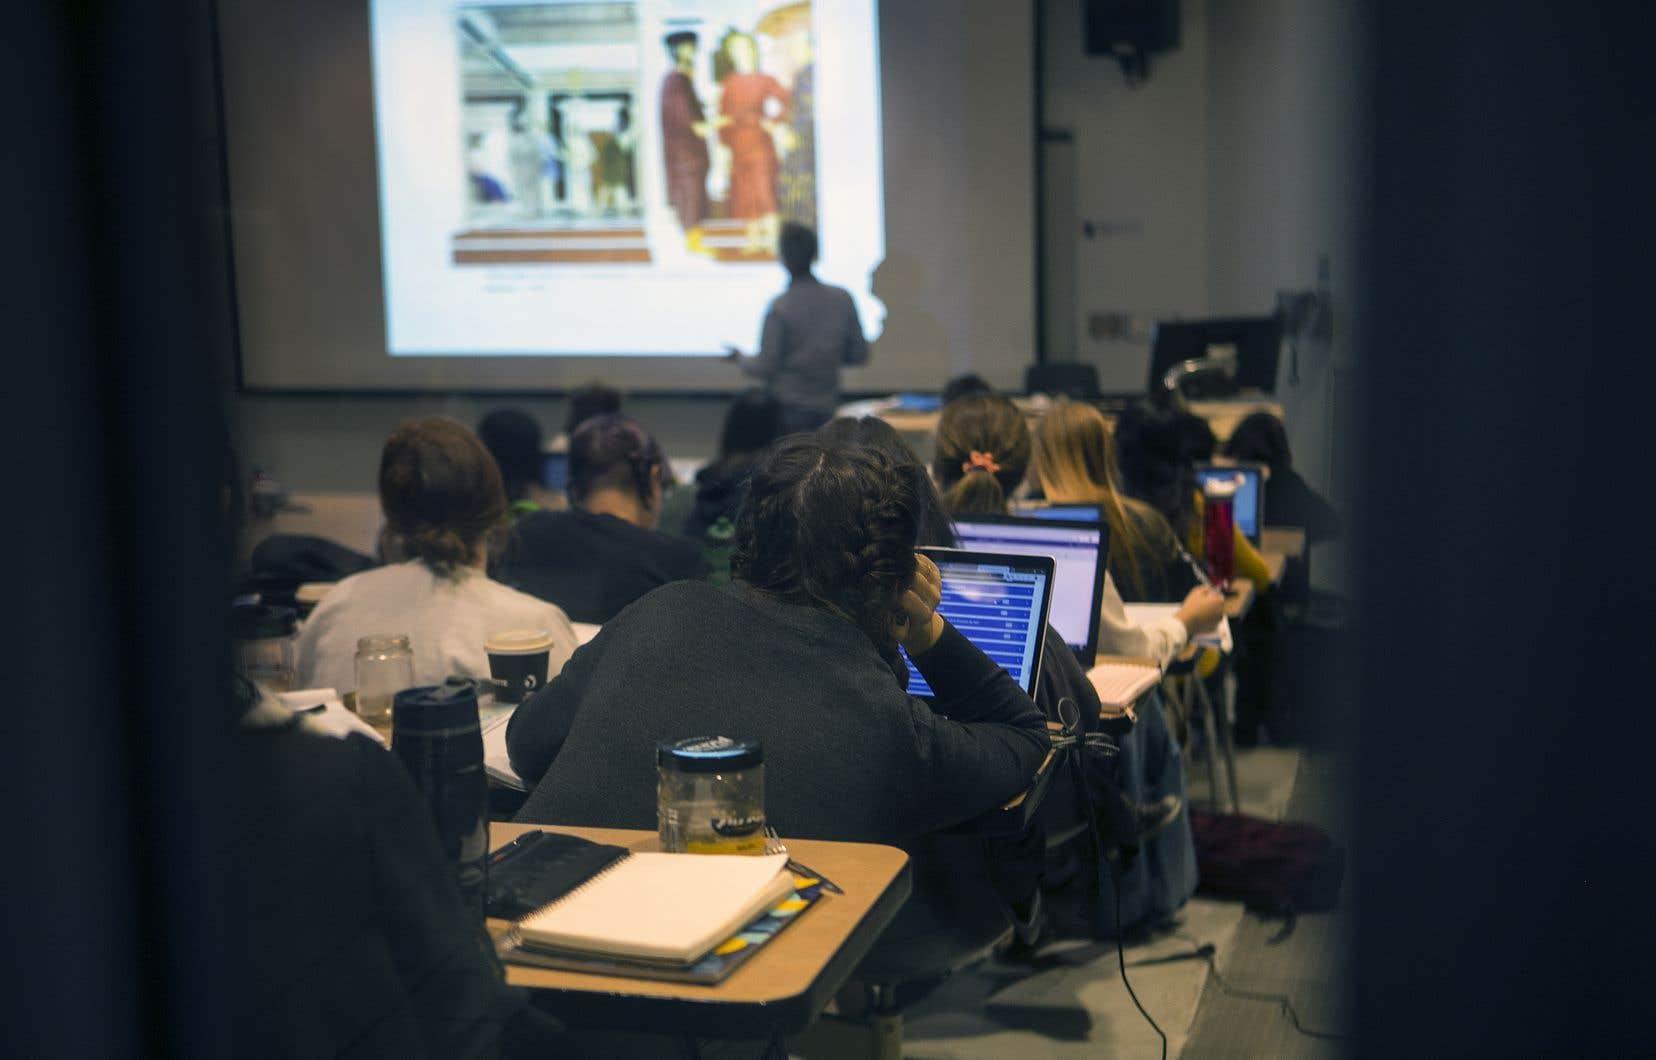 «La réalité est que l'encadrement québécois des écoles de langues et des étudiants étrangers doit effectivement être repensé en profondeur», croit l'auteur.